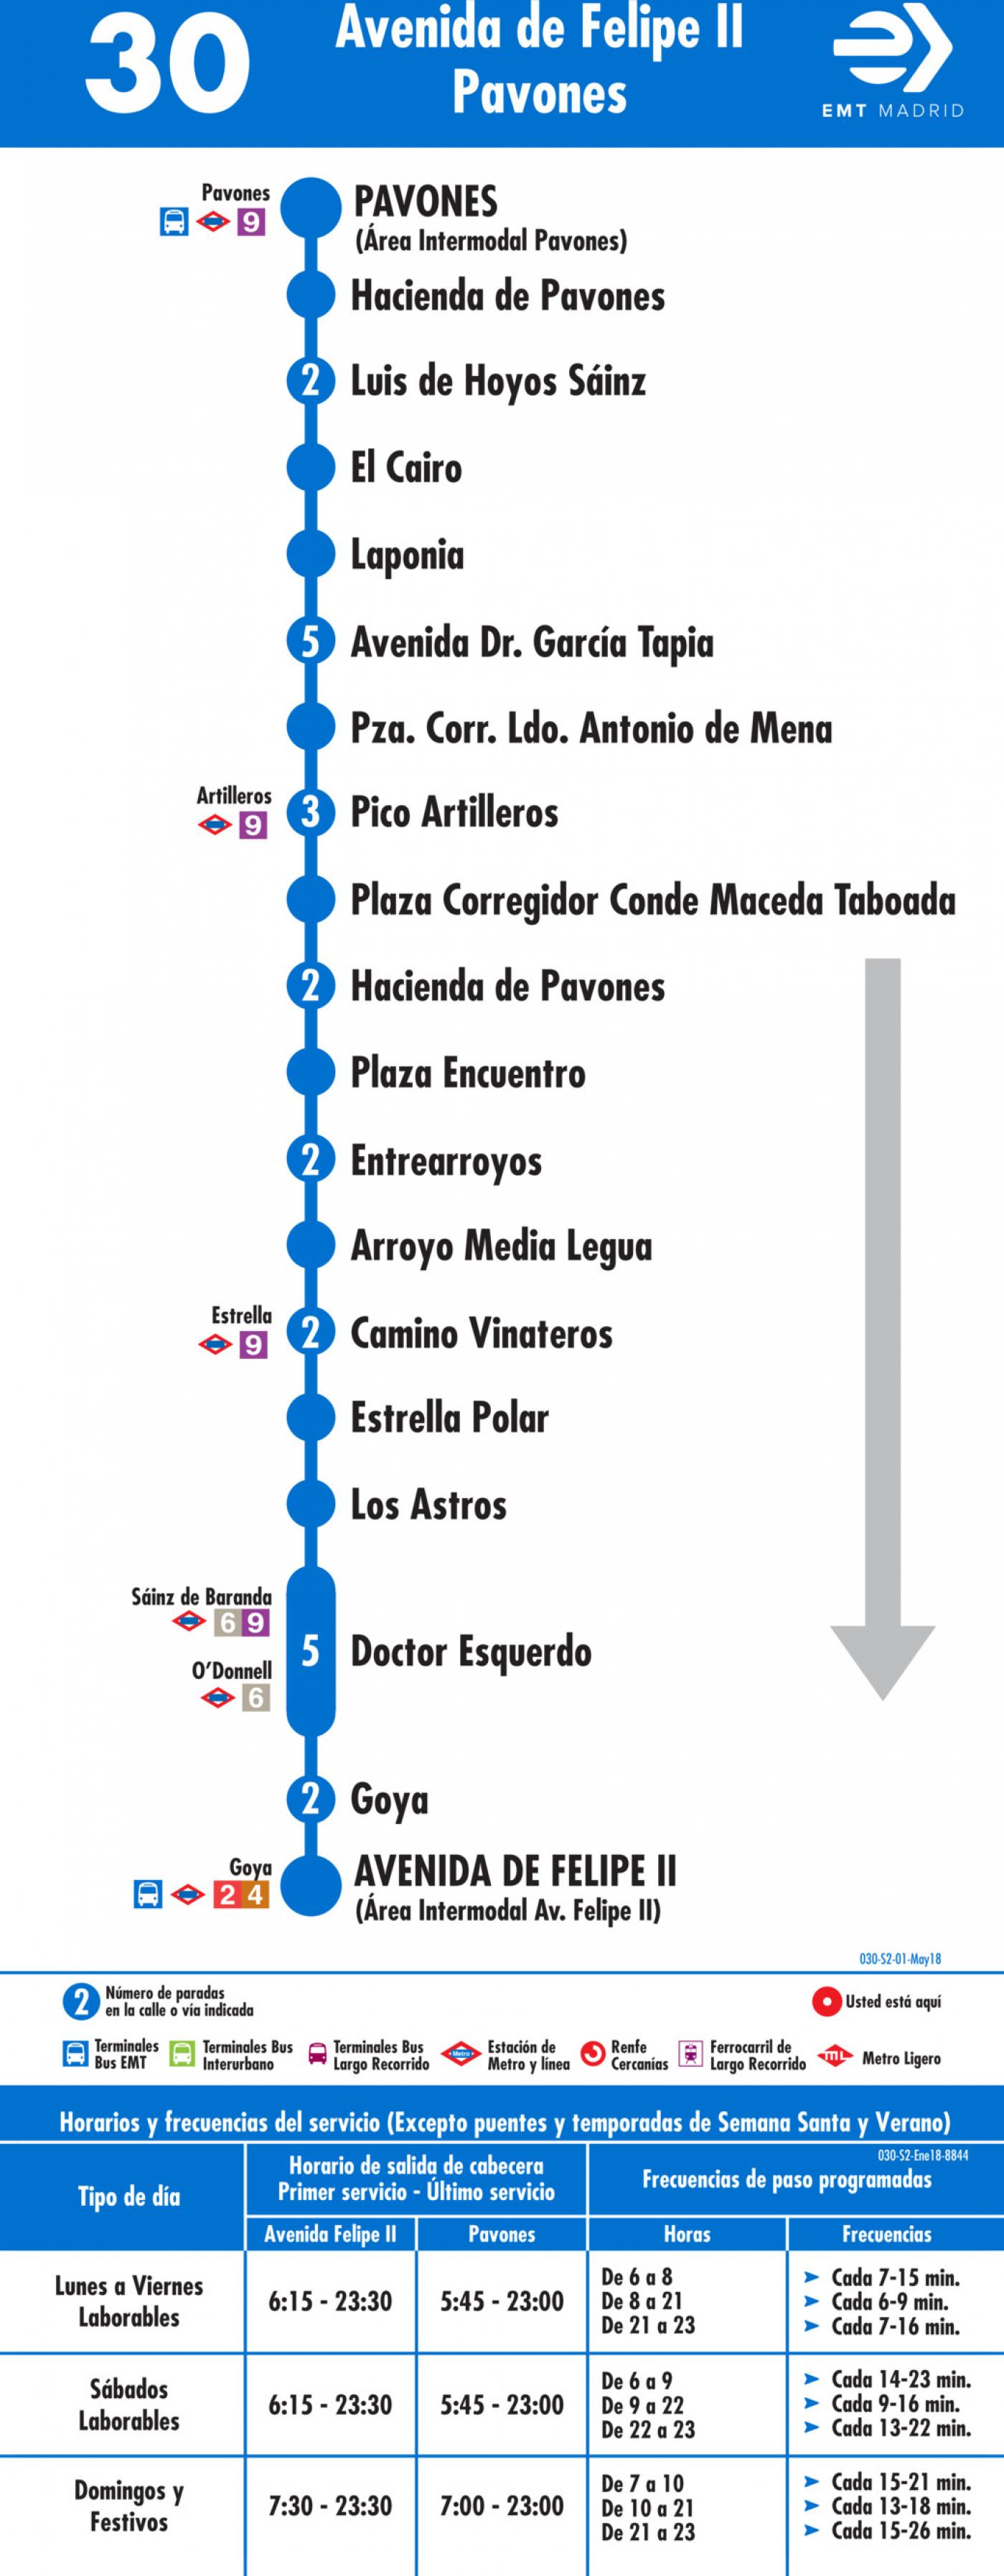 Tabla de horarios y frecuencias de paso en sentido vuelta Línea 30: Avenida de Felipe II - Pavones